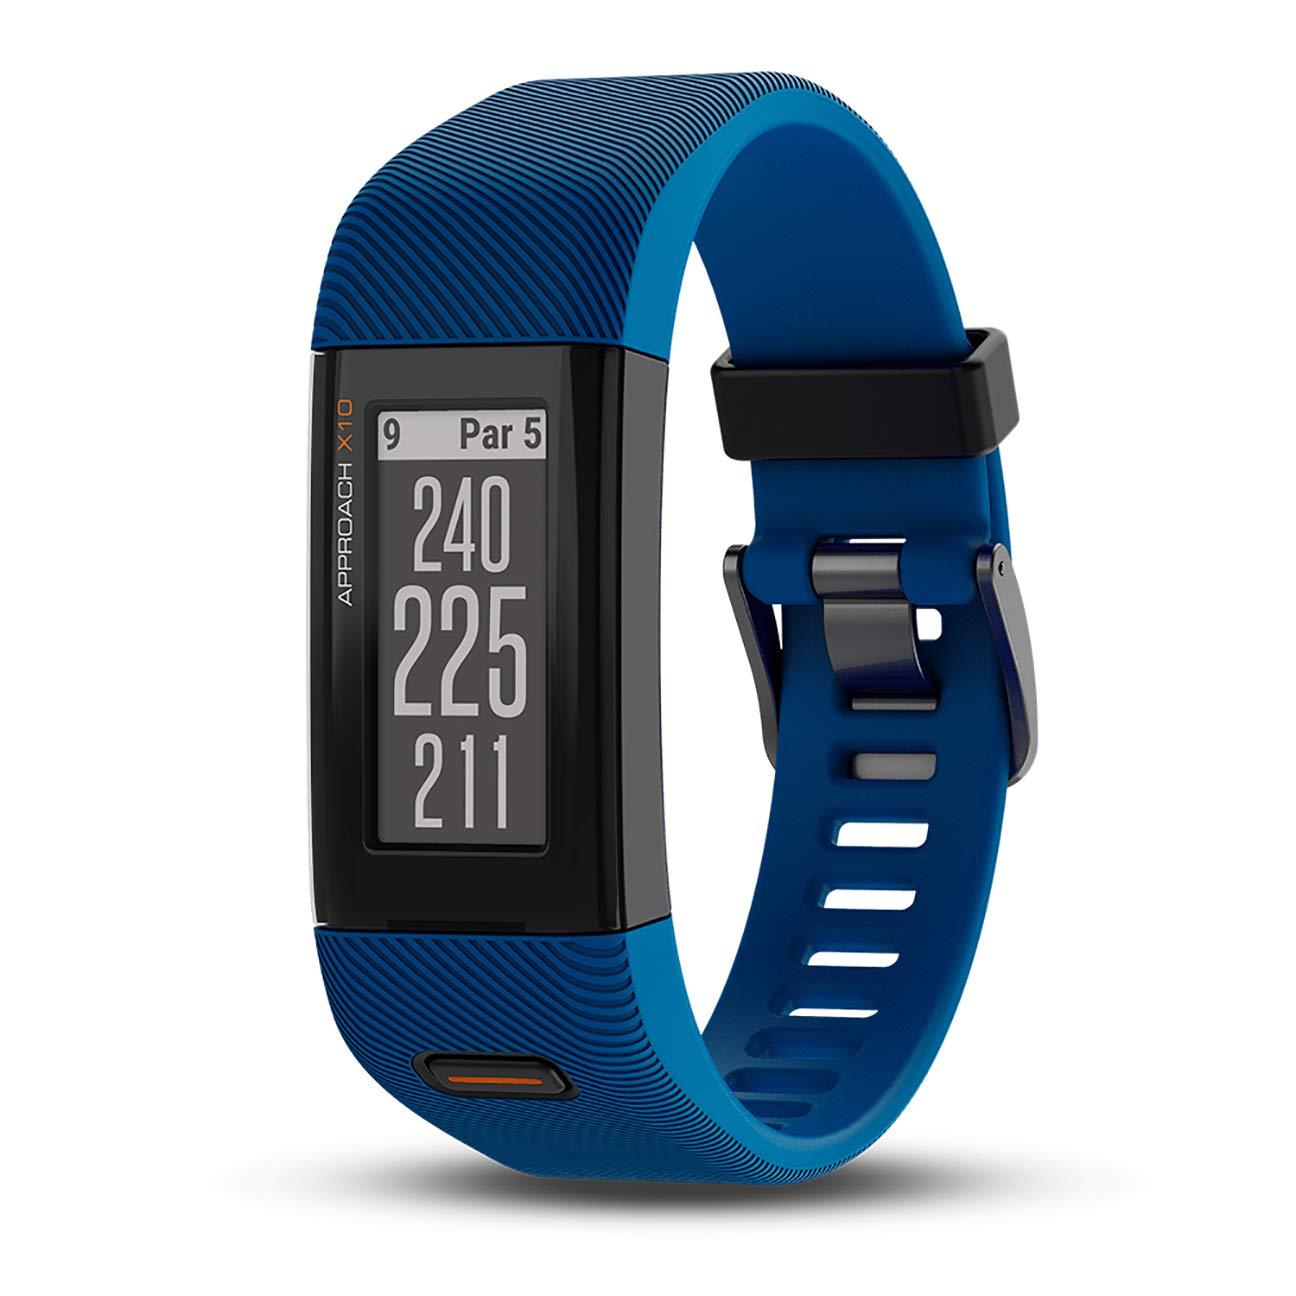 Garmin Approach X10, Lightweight GPS Golf Band, Blue by Garmin